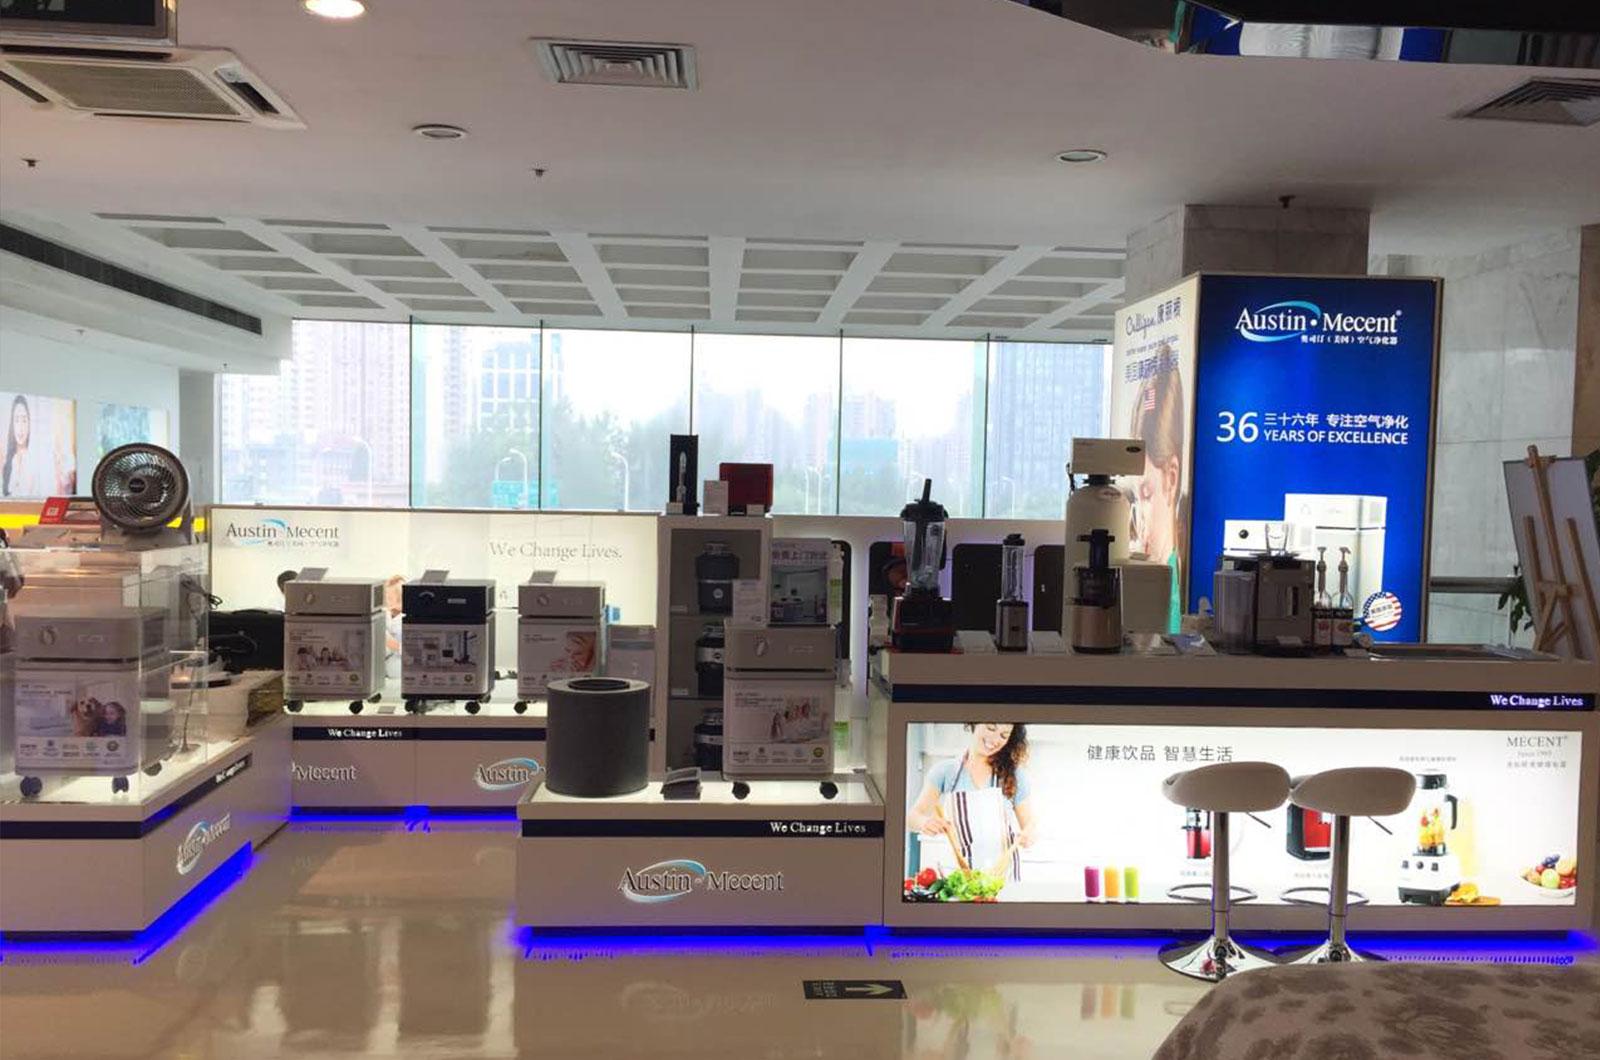 上海虹桥友谊店